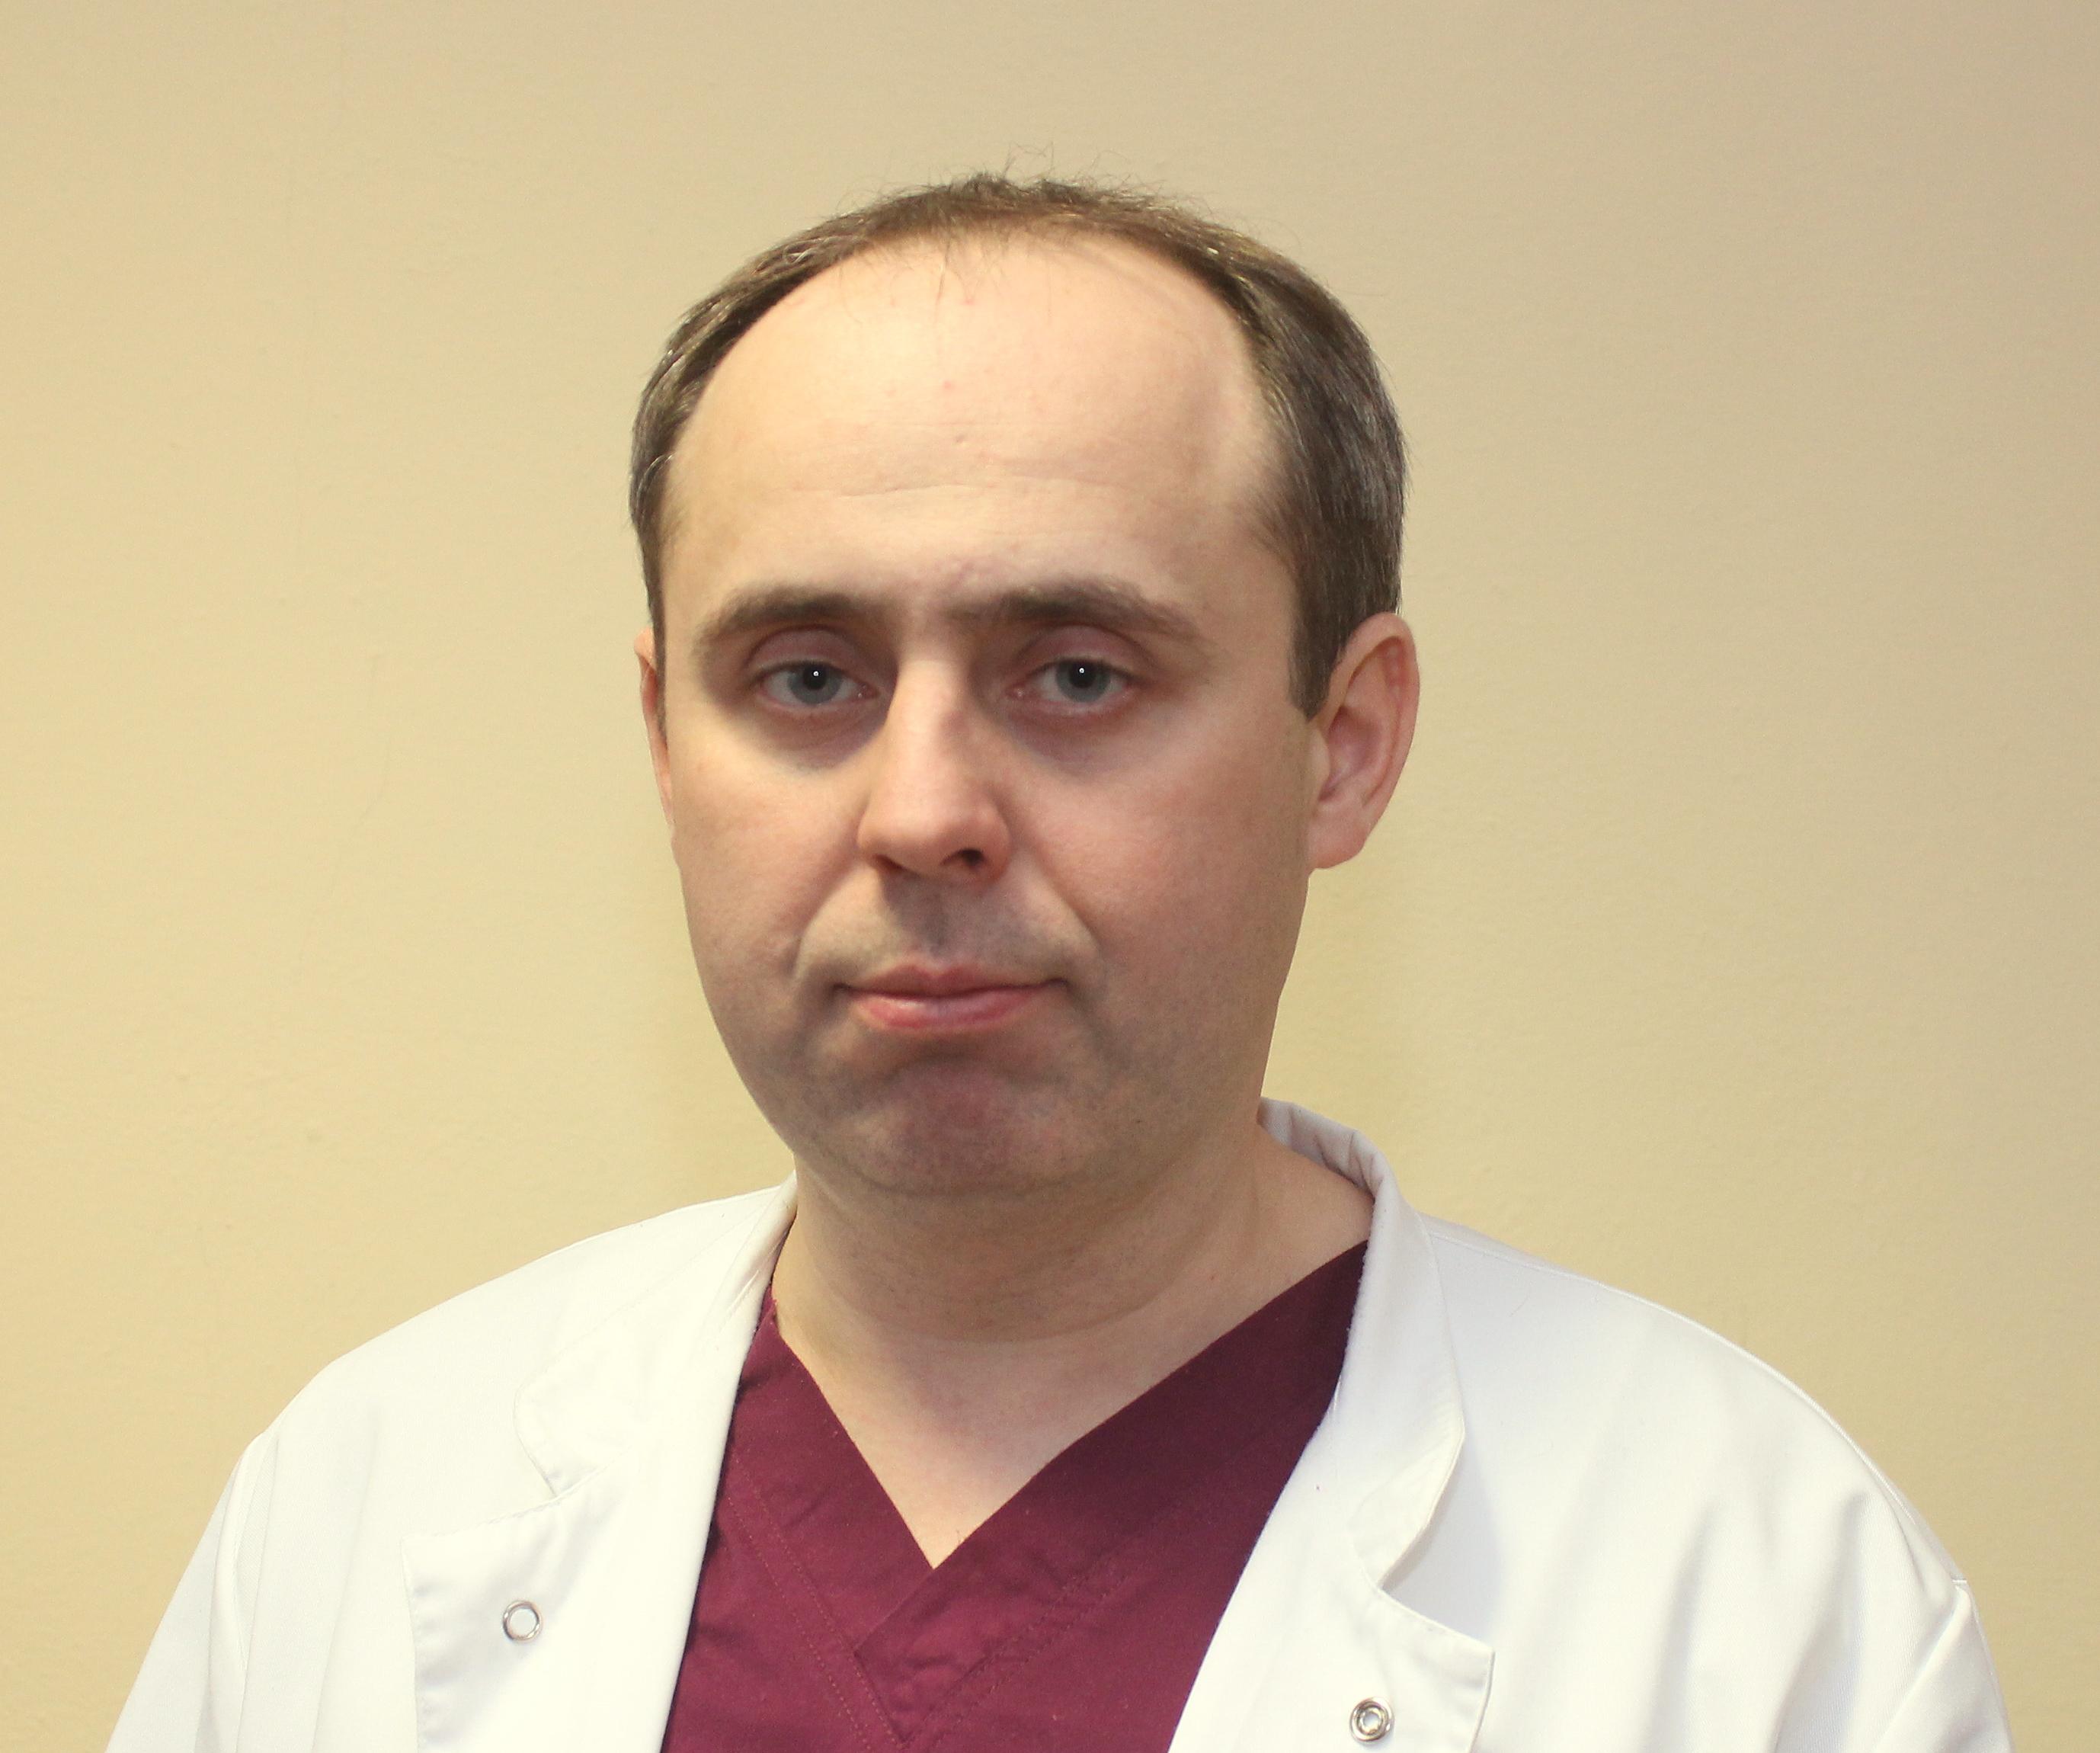 Jakub Moskal – specjalista neurochirurg i neurotraumatolog; e- mail: jmoskal@poczta.fm więcej » - Jakub_Moskal